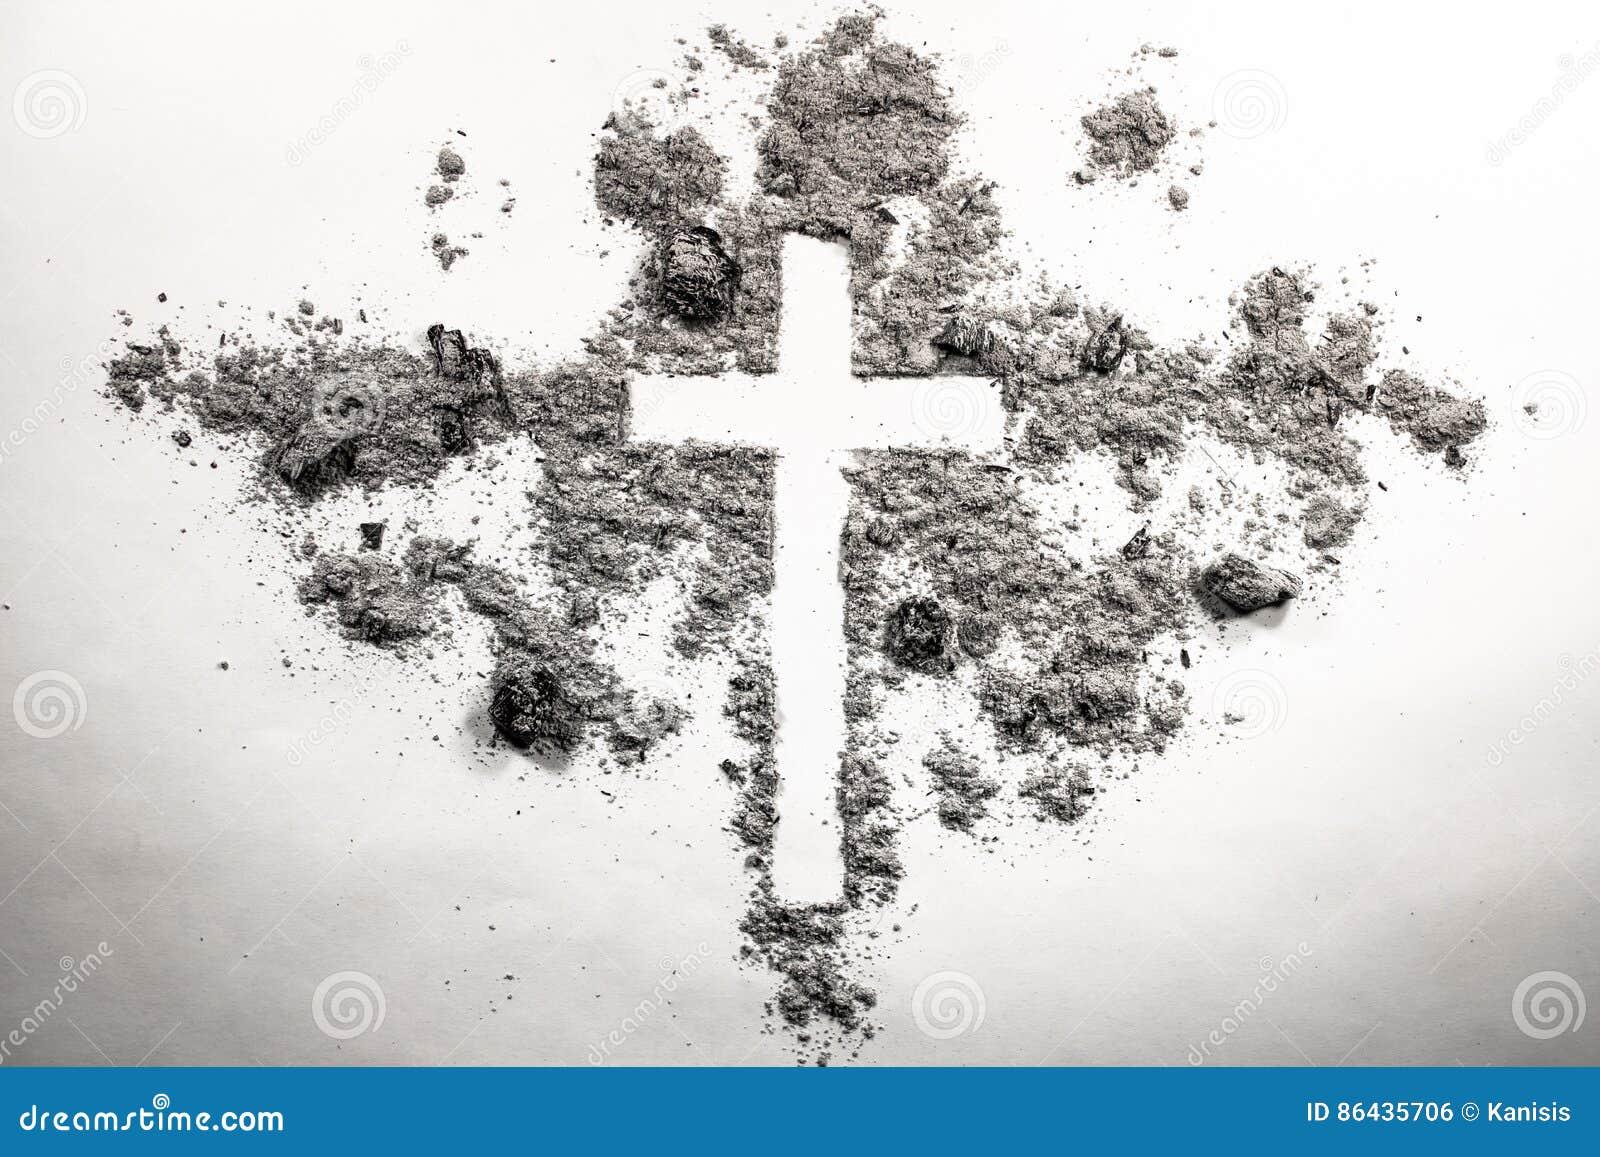 Askaonsdag kors, kors som göras av askaen, damm som kristen rel